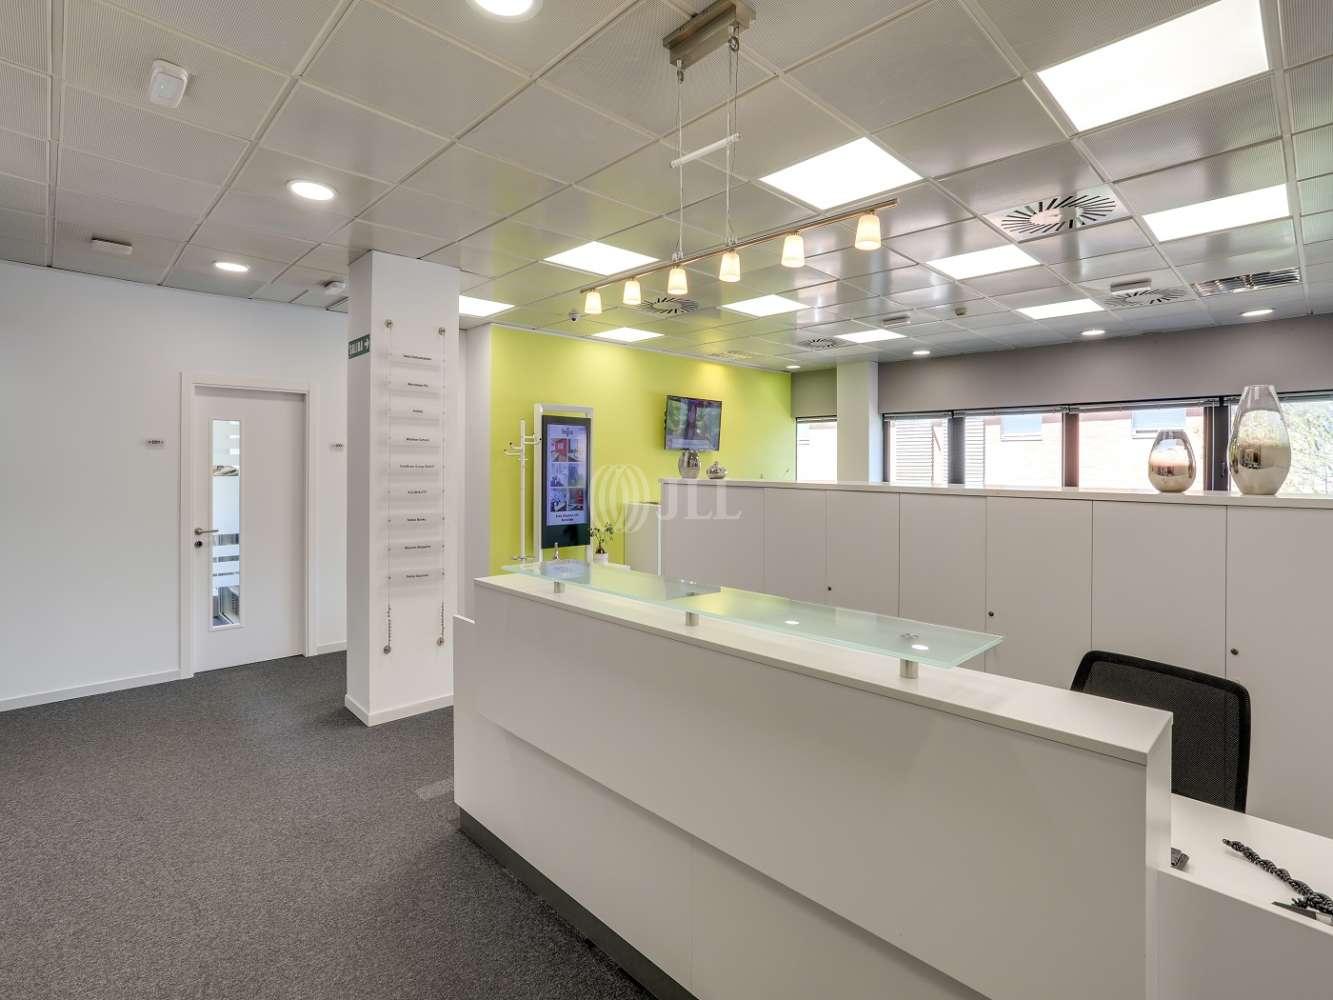 Oficina Las rozas de madrid, 28232 - Coworking - Las Rozas - 20147